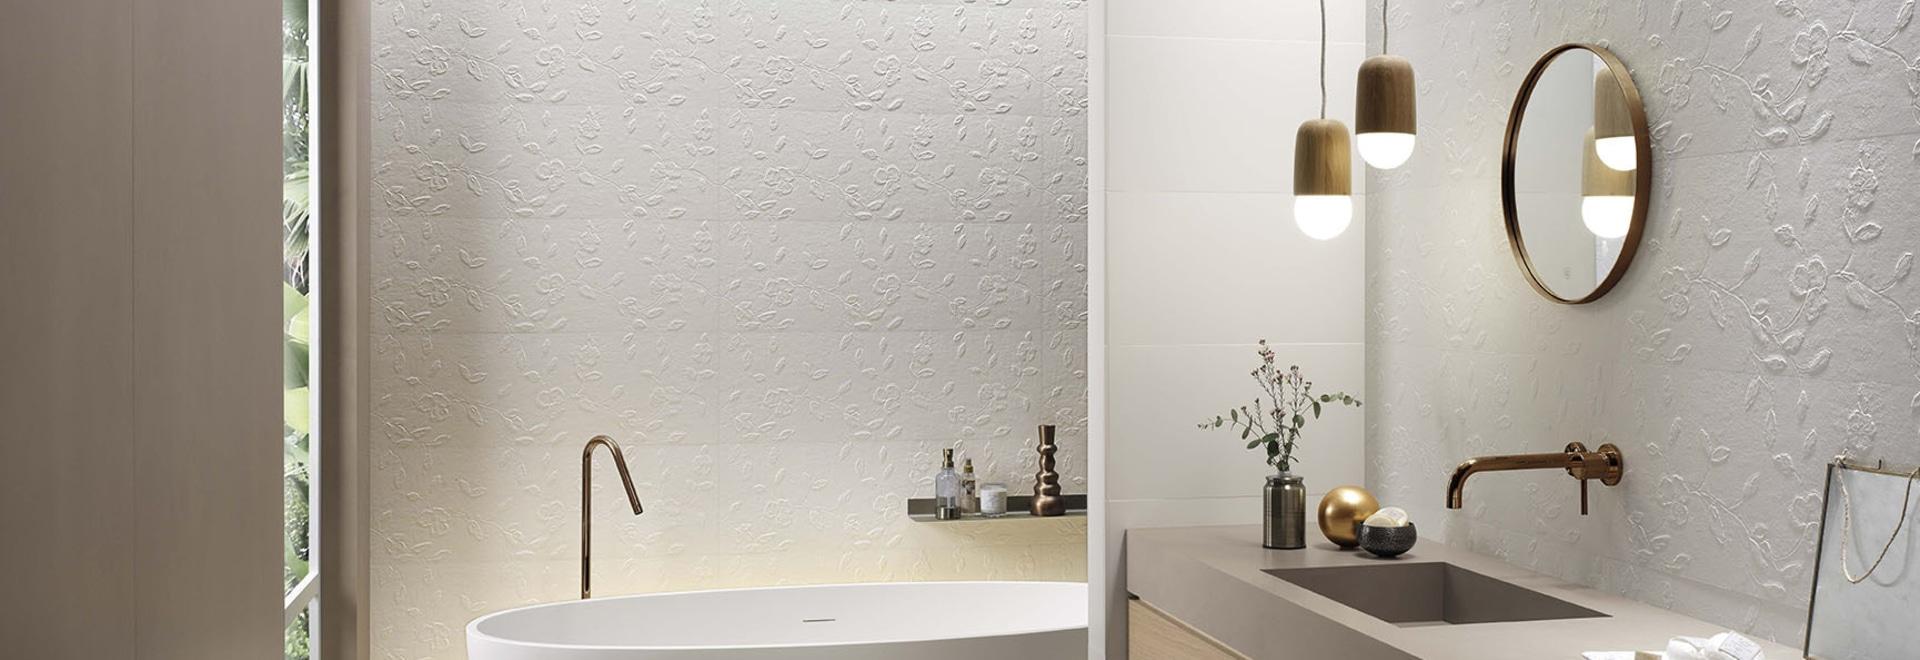 La elegancia atemporal de Lumina juega con los volúmenes y se enriquece con nuevas cerámicas 3D en el formato 30,5x91,5